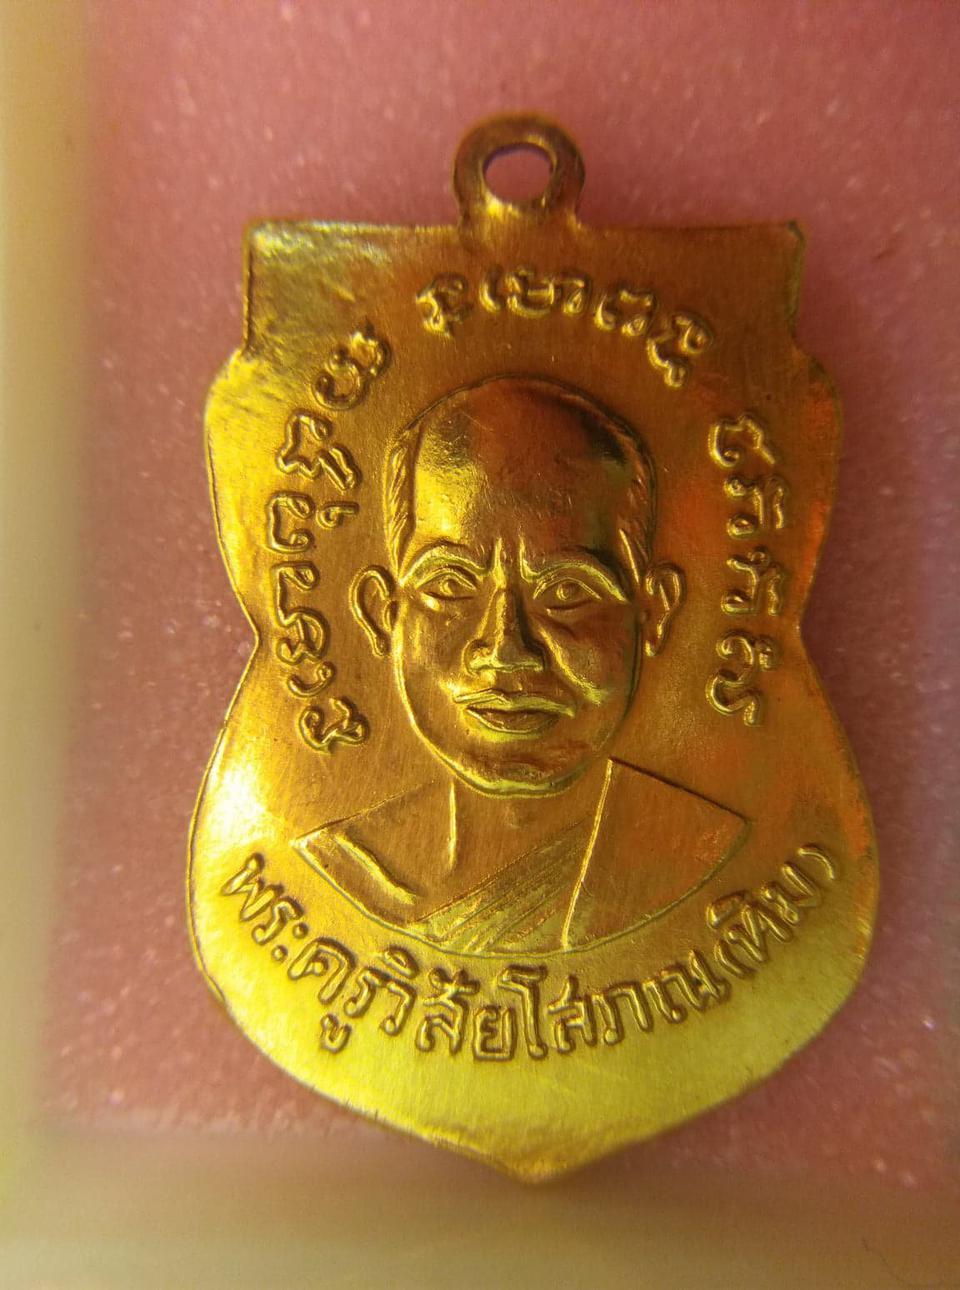 เหรียญลงยาสีแดงวัดช้างให้ปี 04 เนื้อทองคำแท้ สนใจทักมาได้ รูปที่ 4